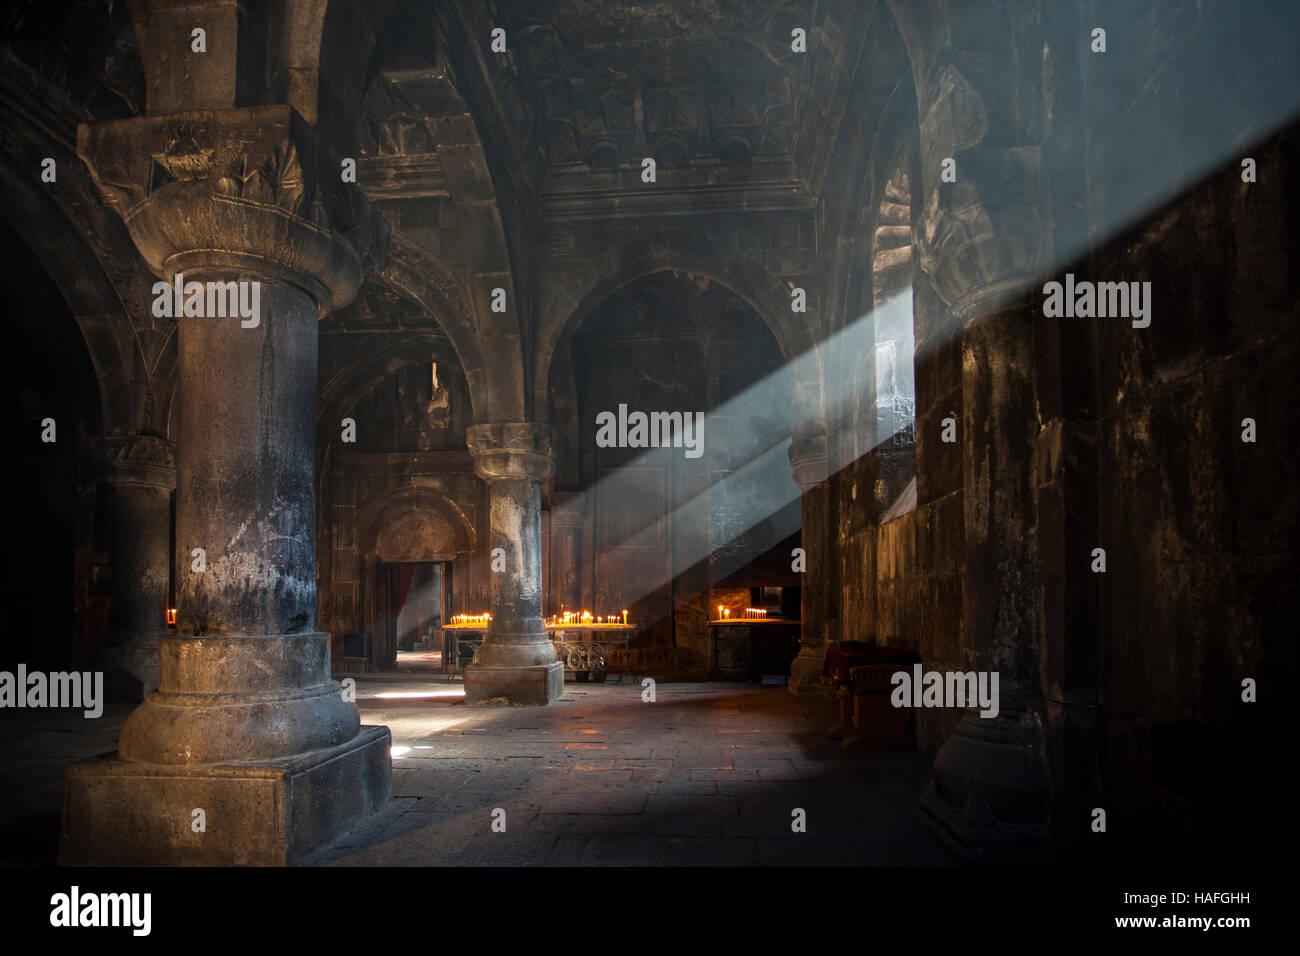 Interior da Igreja apostólica arménia medieval - Gegard Mosteiro. Numerosas velas e raios de sol próximos Imagens de Stock